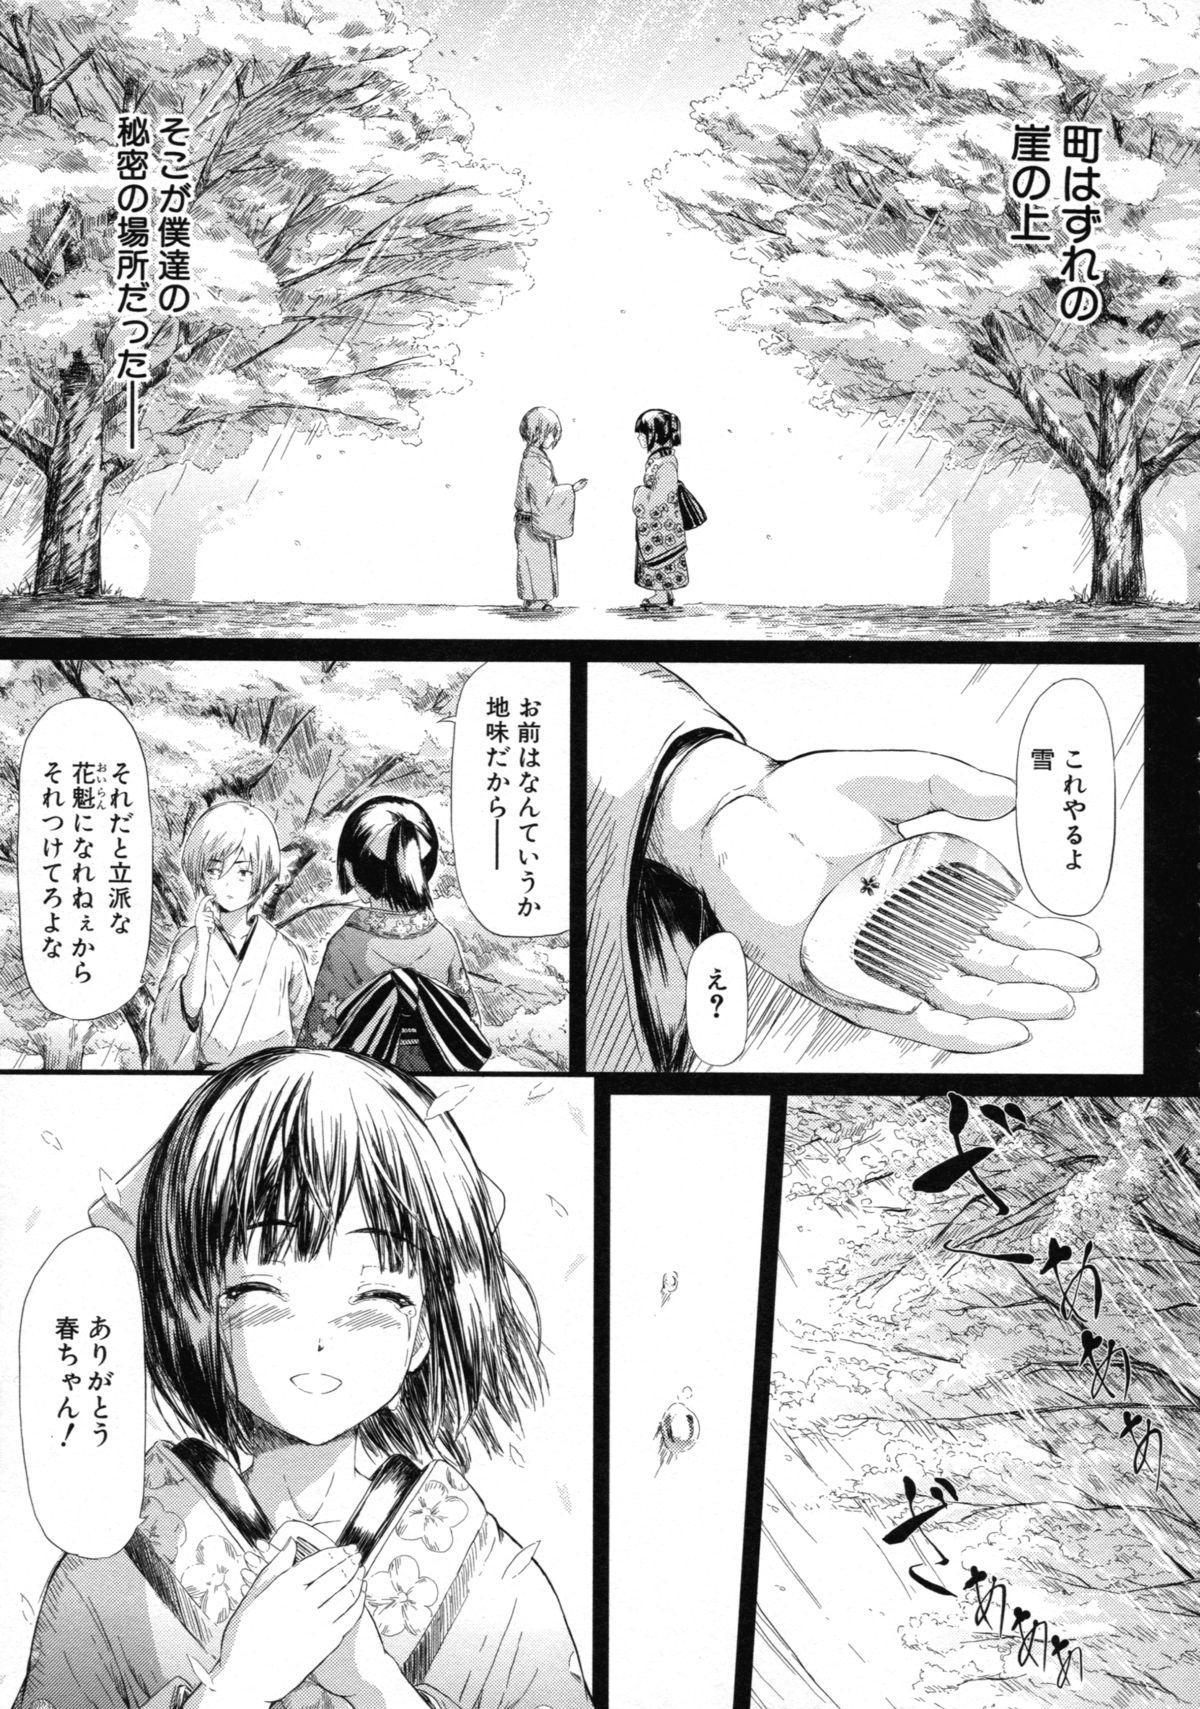 [Shiki Takuto] Tokoharu no Shoujo-tachi - The Girls in the Eternal Spring 90